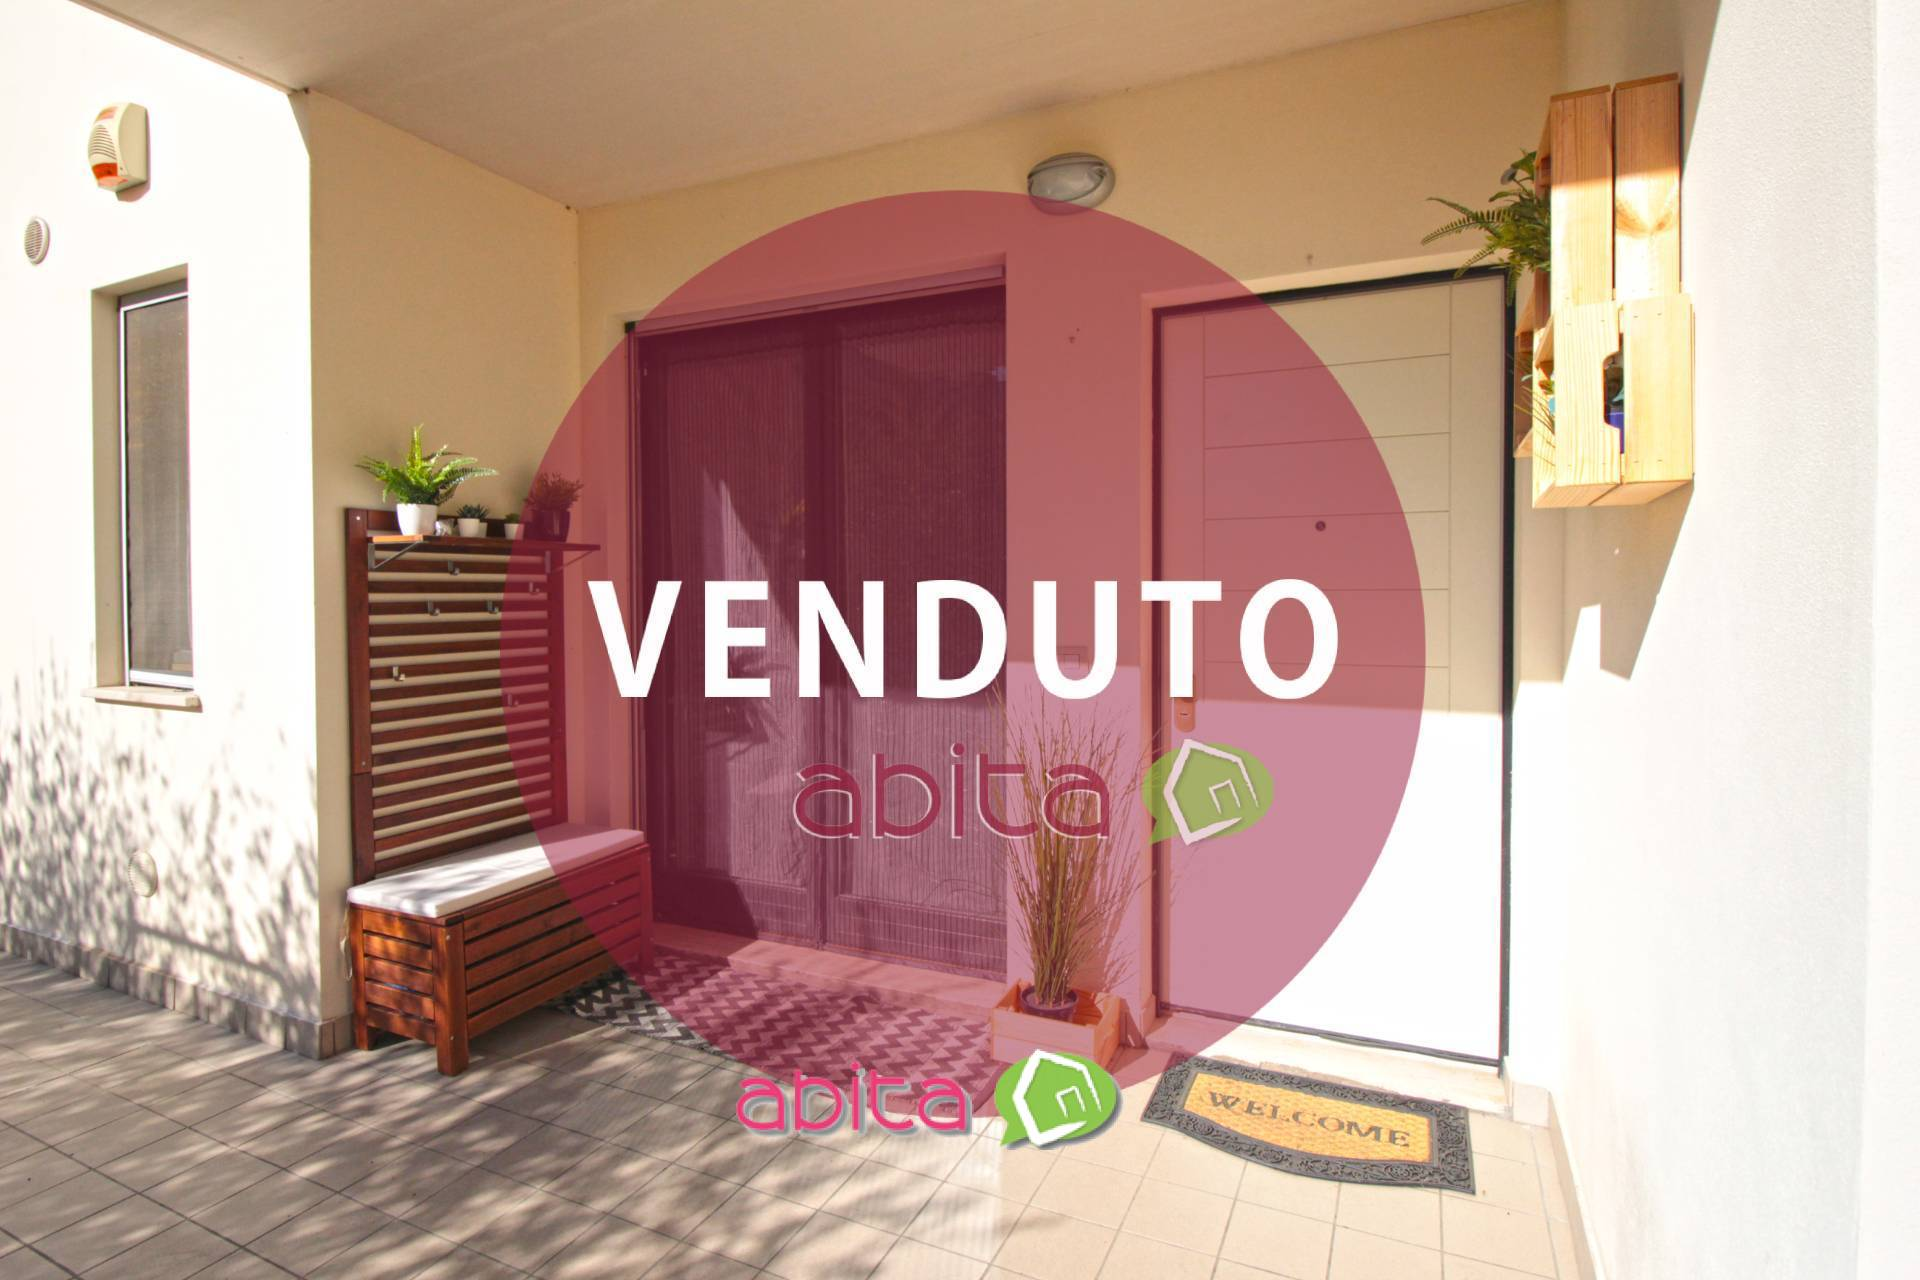 Appartamento in vendita a Spinetoli, 3 locali, zona Località: PagliaredelTronto, prezzo € 119.000   CambioCasa.it